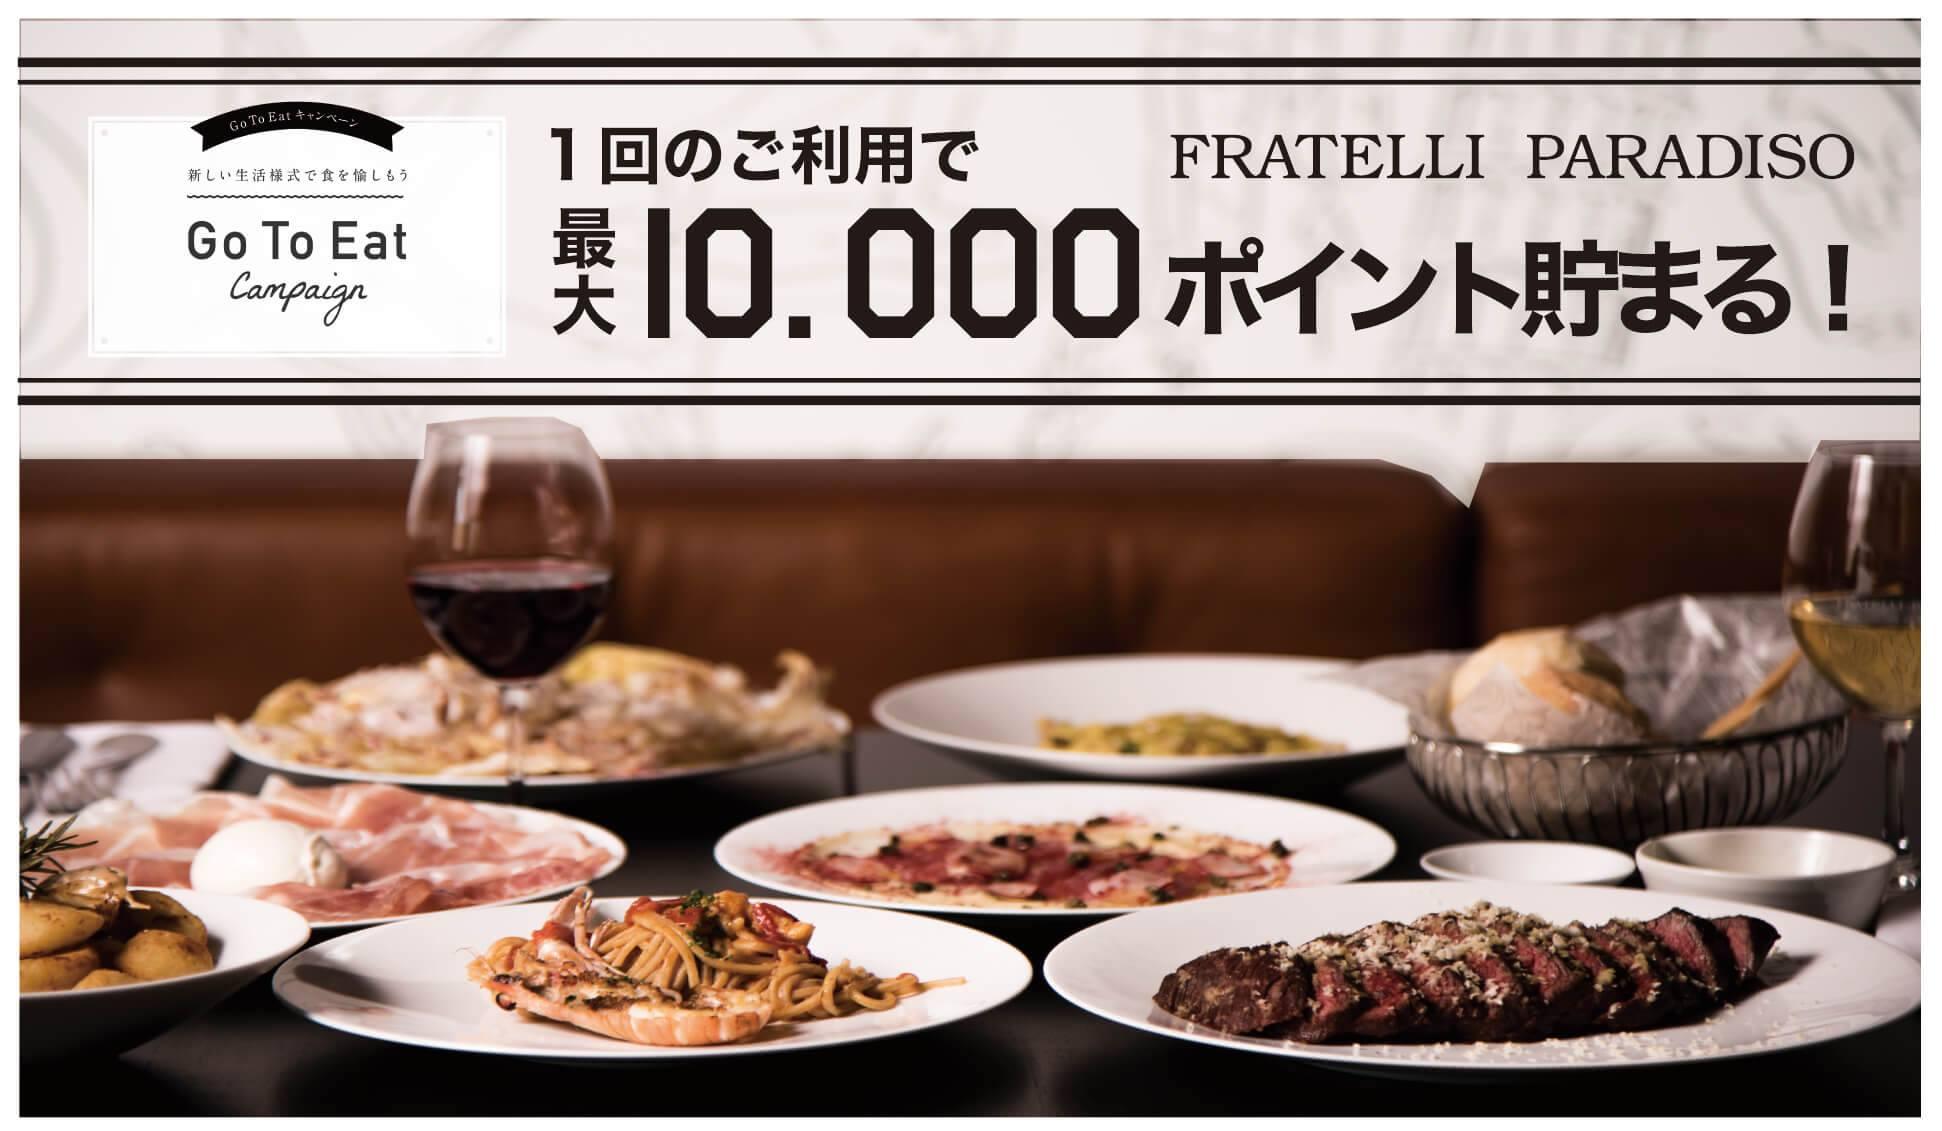 【FRATELLI PARADISO】Go To Eatキャンペーンを利用してお得に!シーズナルディナーコーススタート!